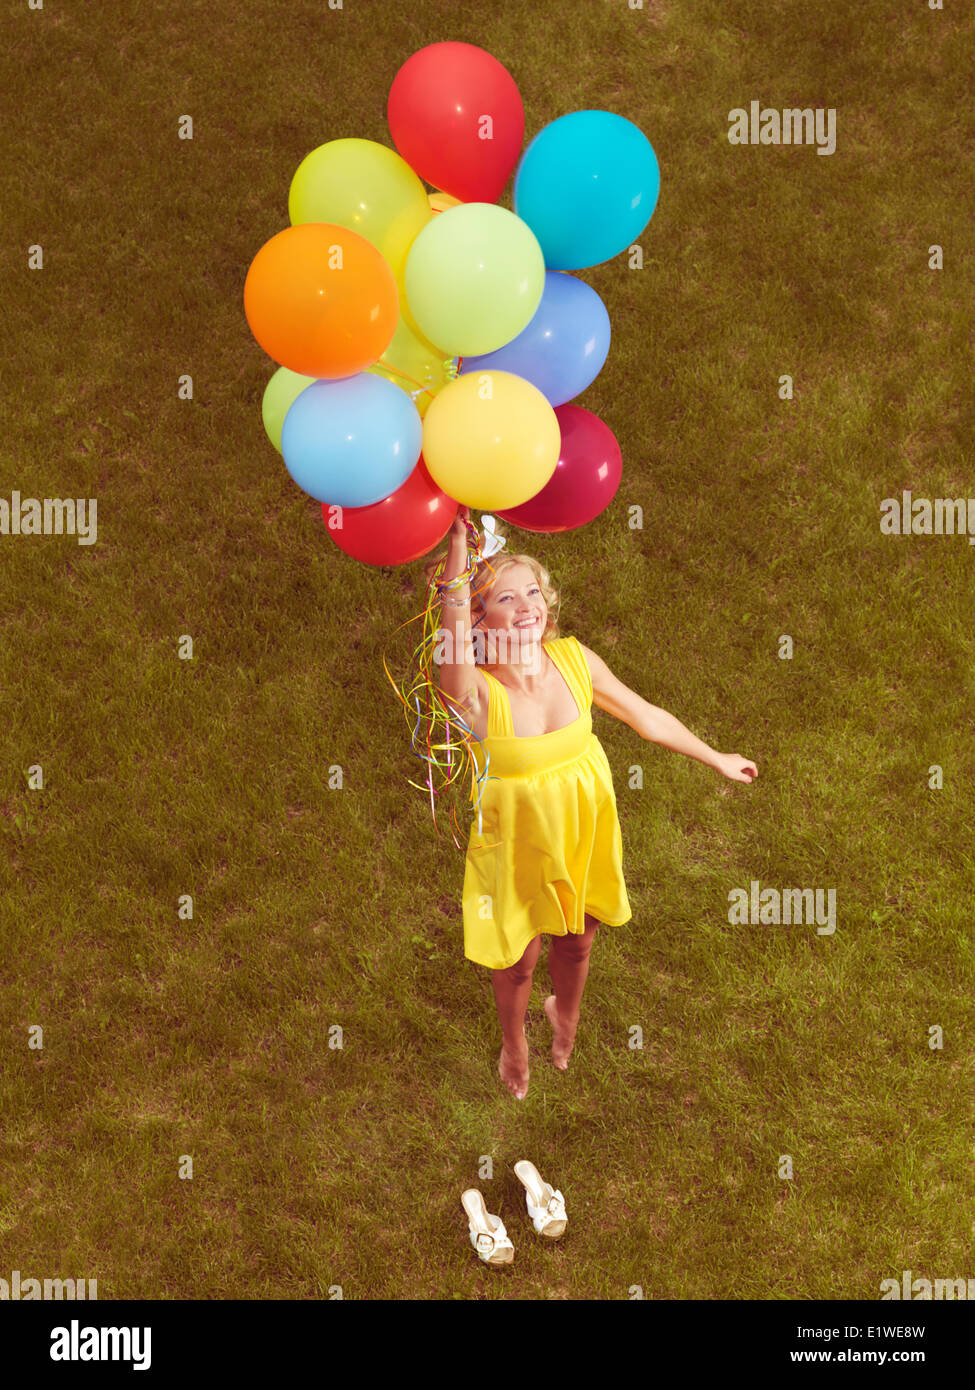 Glückliche junge Frau im gelben Sommerkleid, fliegt aus dem Boden mit bunten Heliumballons, Retro-stilisierte Stockbild